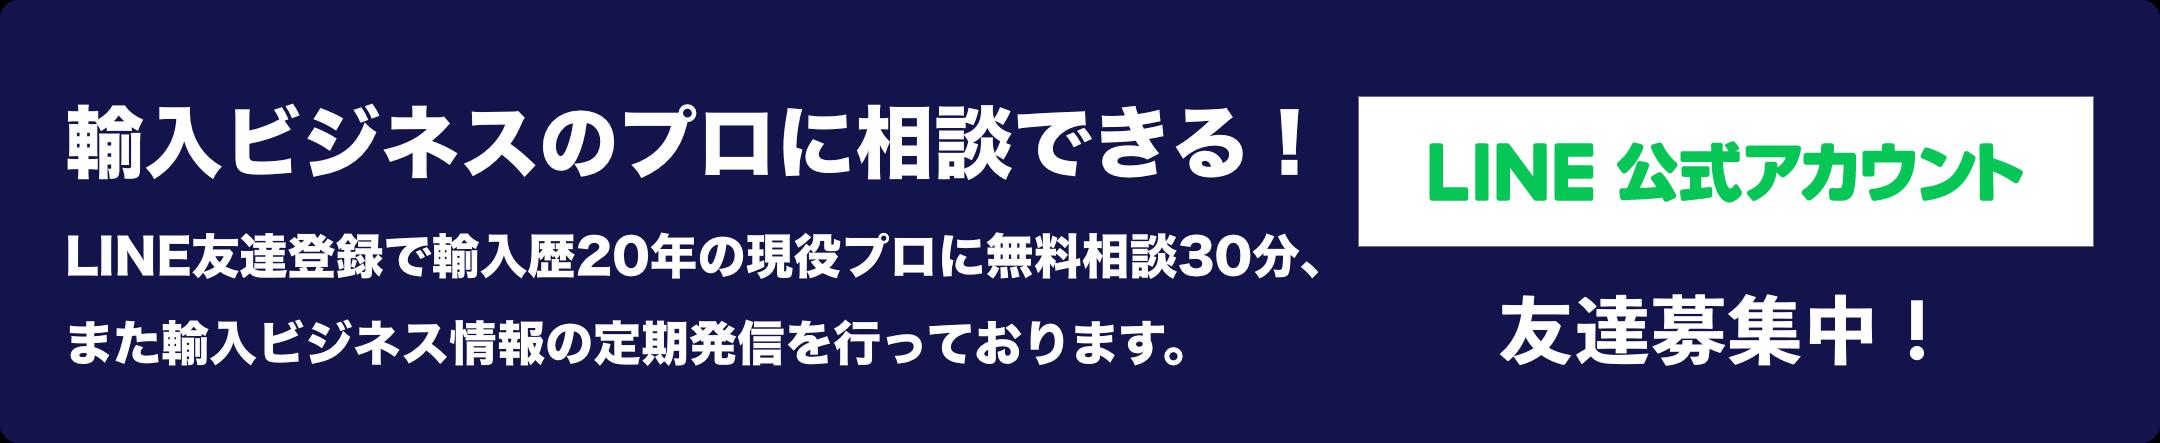 やすく 円 安 円 高 わかり